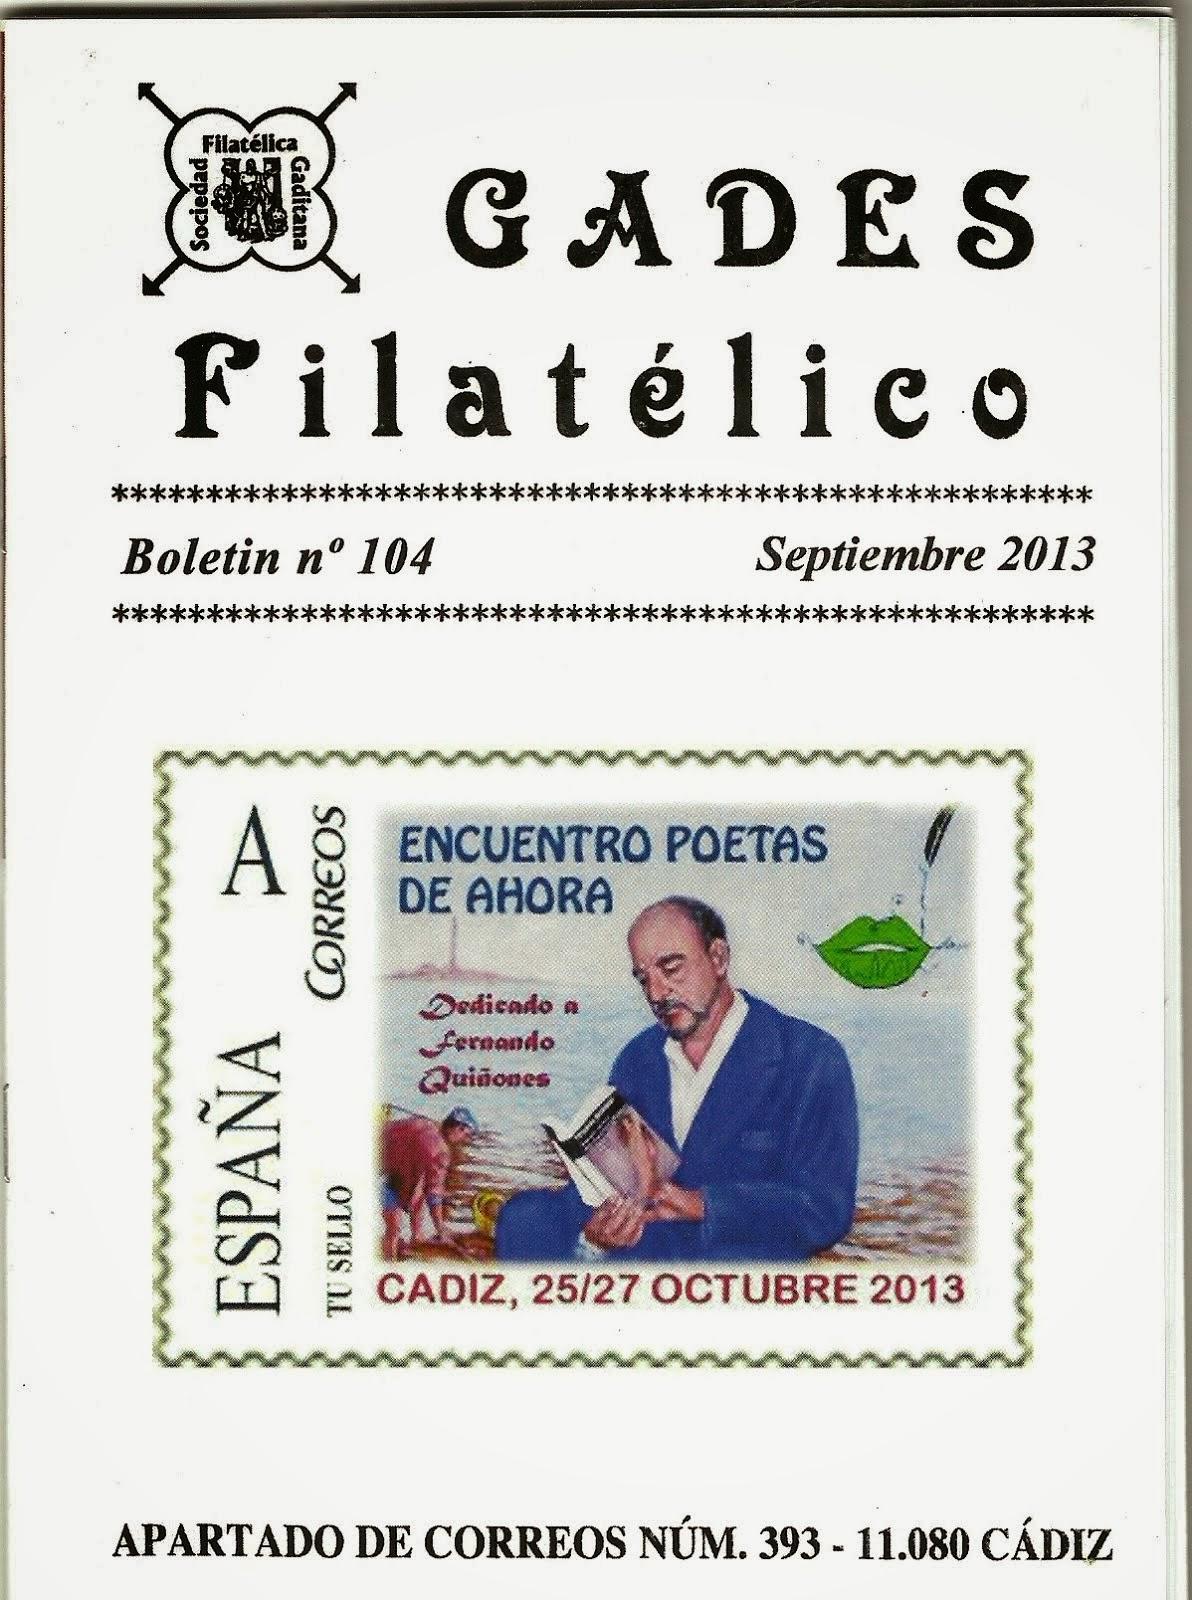 GADES FILATÉLICO